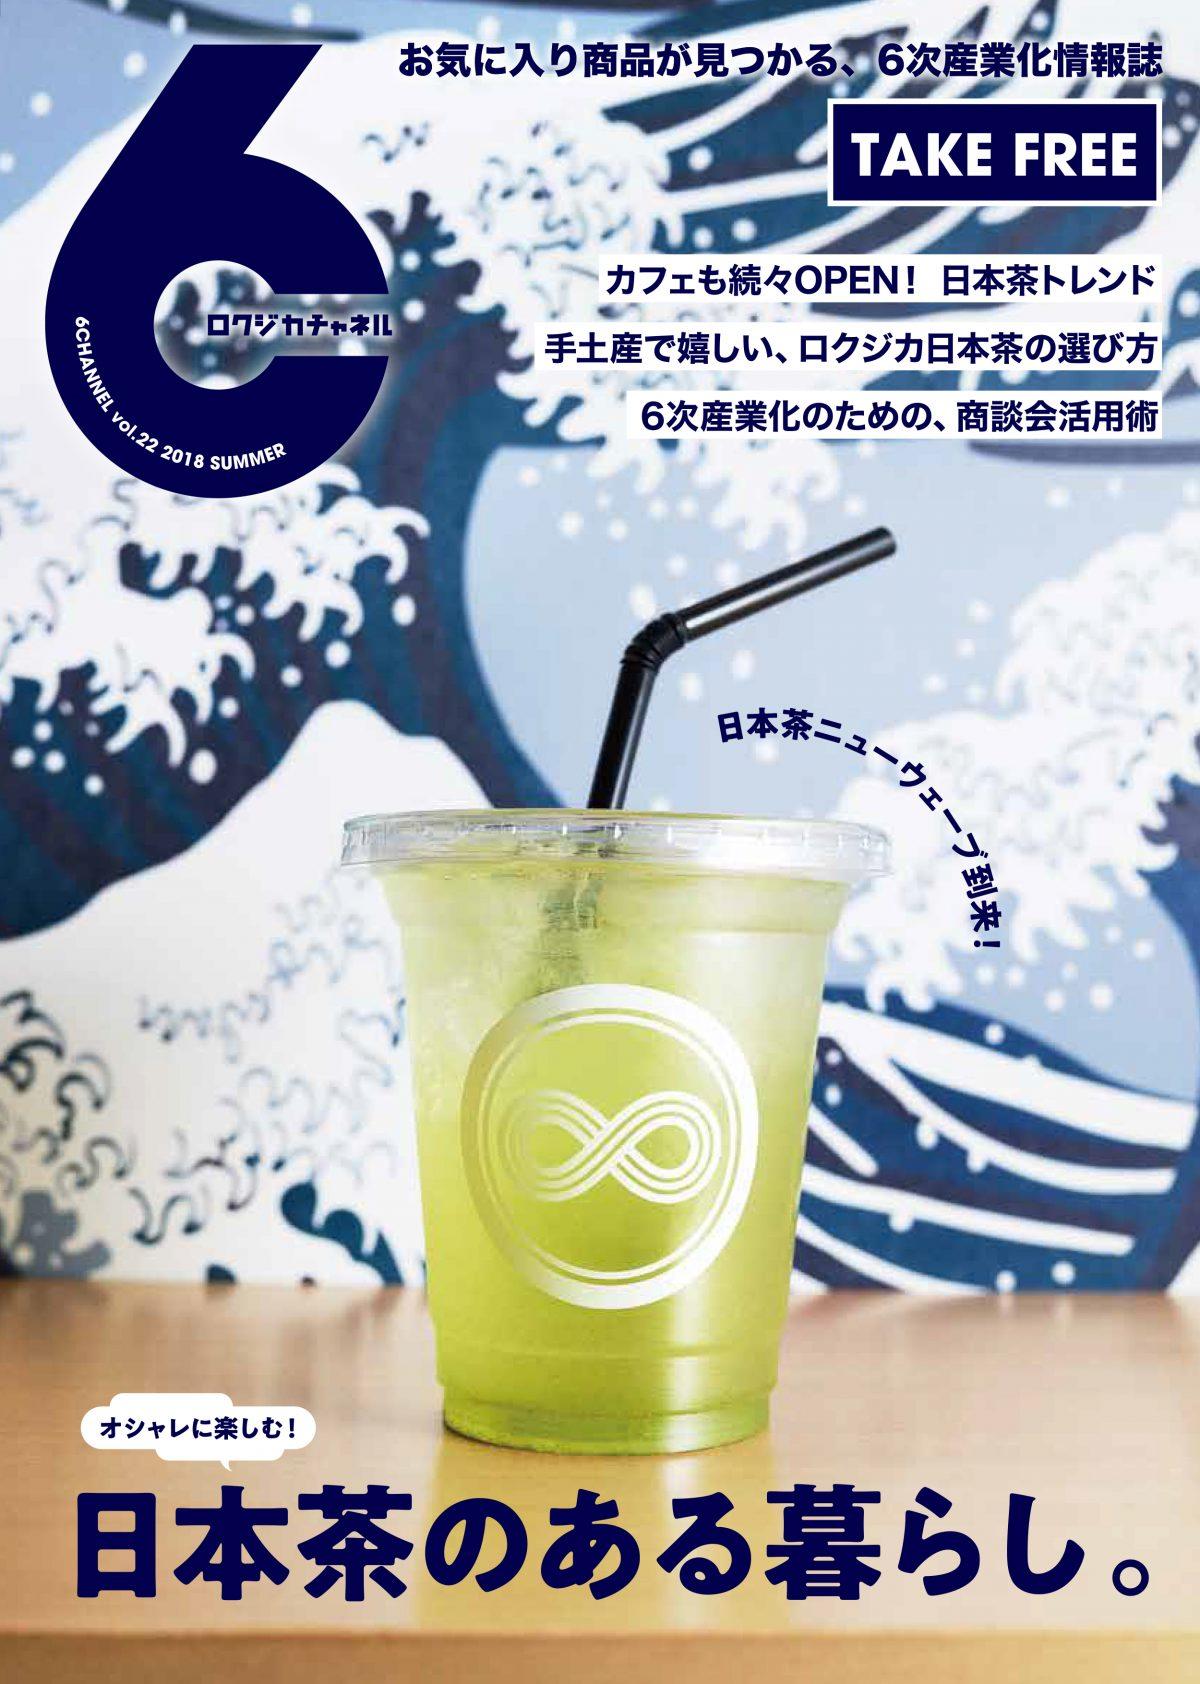 雑誌「ロクジカチャネル」で、満月茶とほたる茶を紹介していただきました。